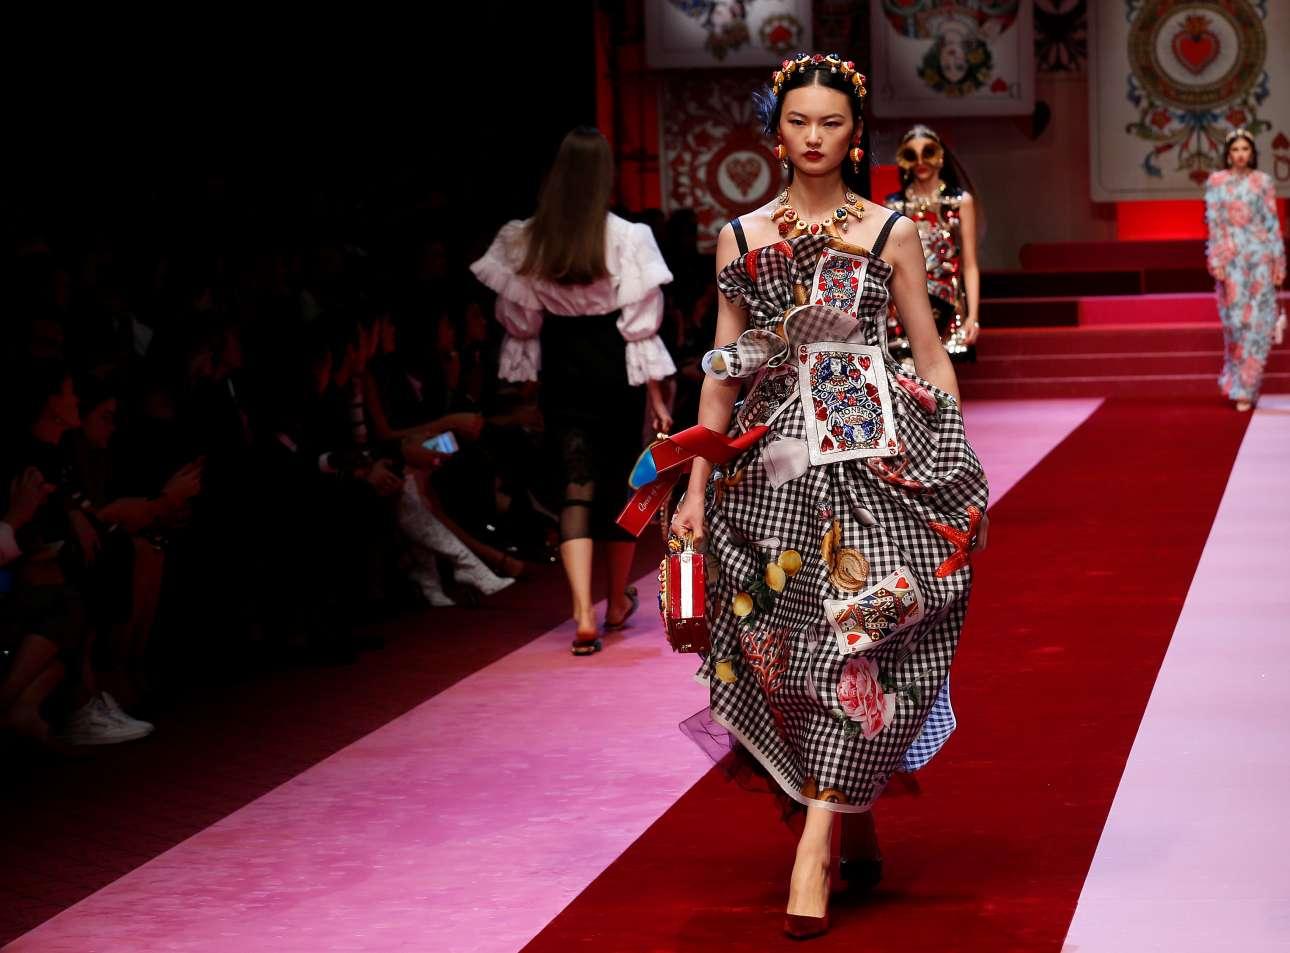 Η ντάμα, ο βαλές και ο ρήγας αποτέλεσαν ιδιαίτερη πηγή έμπνευσης για τον οίκο Dolce&Gabbana. Μία ολόκληρη συλλογή φιλοτεχνήθηκε με τα σχέδια των τραπουλόχαρτων πάνω σε σακάκια, φορέματα, φούστες με μία διάθεση βγαλμένη από φανταστικούς κόσμους παραμυθιών